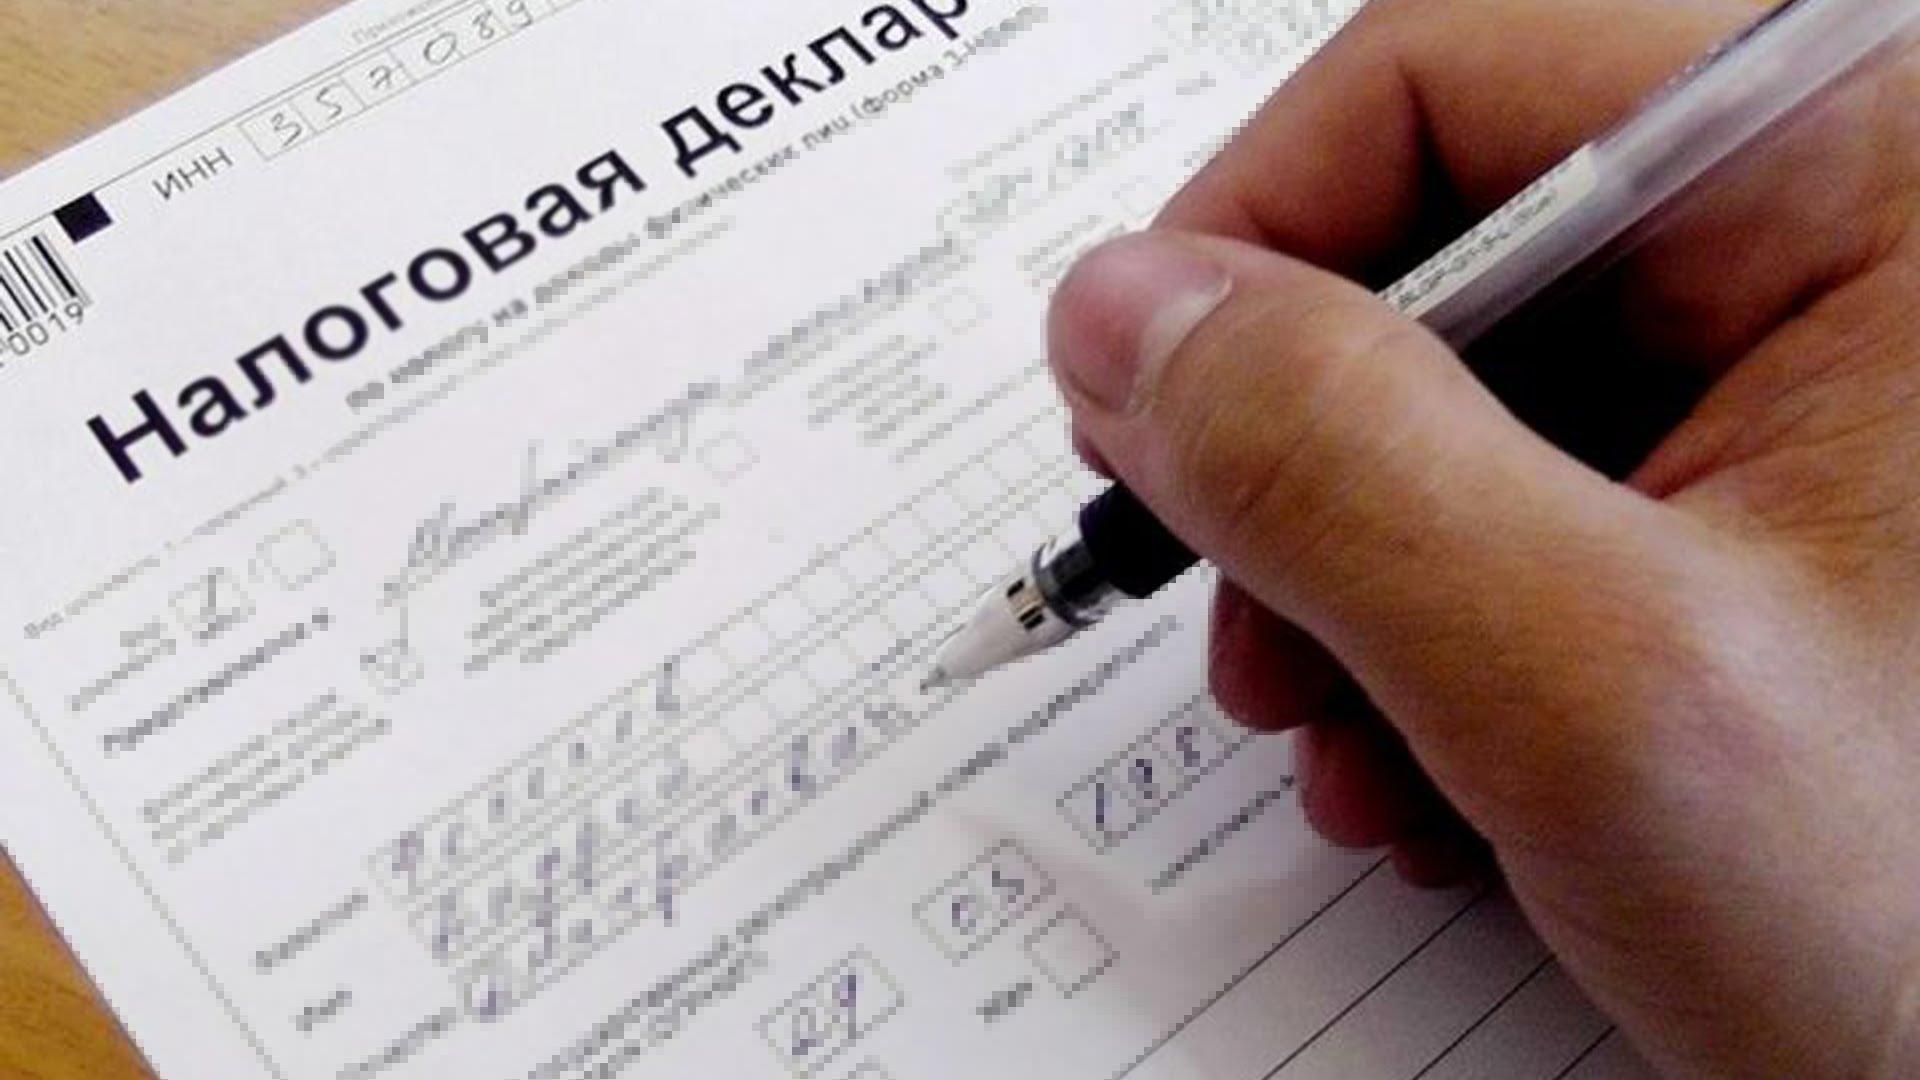 Предпринимателей с нулевым доходом обязали подавать налоговые декларации